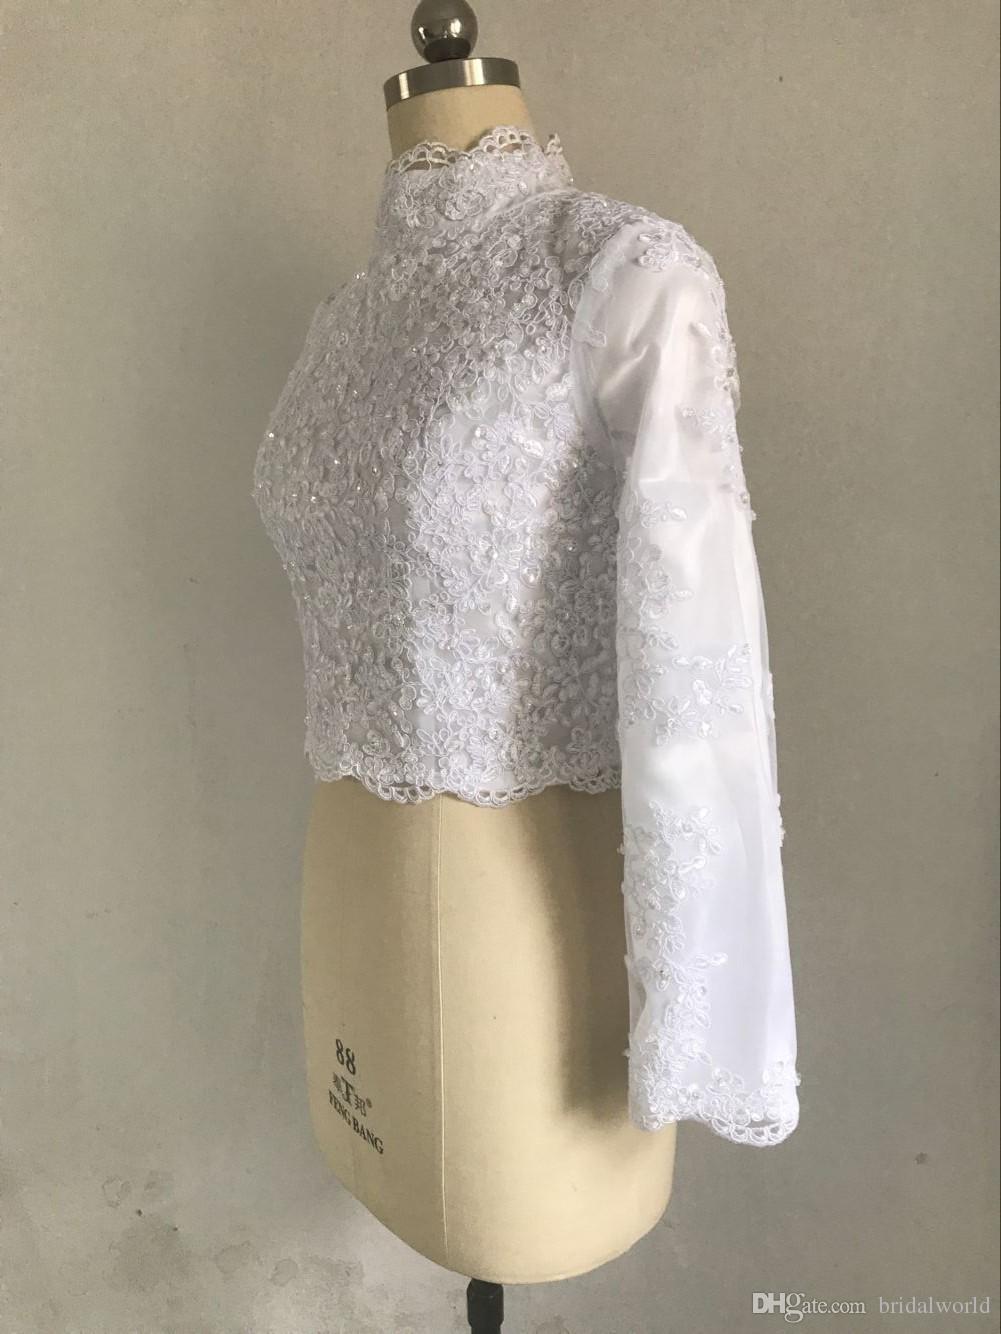 Boleros de Casamento muçulmano com Forro Casacos de Alta Neck Marfim Branco de Manga Longa Lace Frisado Jaqueta De Noiva Shrug 2017 Elegante Envoltório